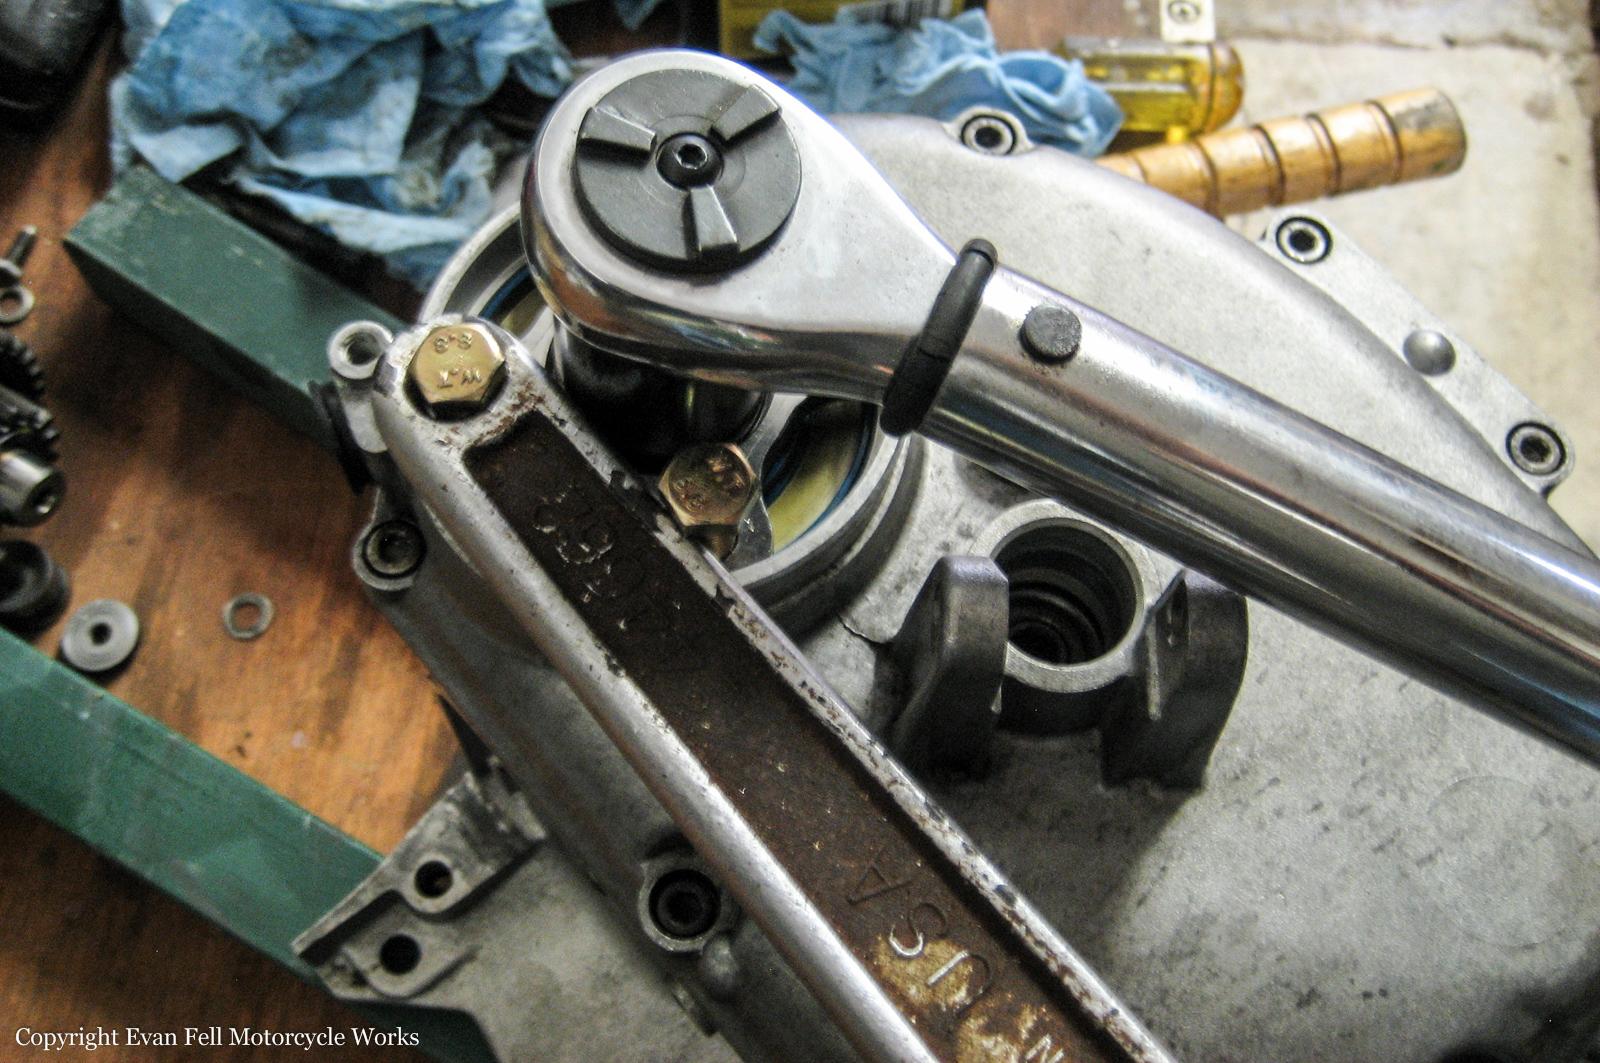 Rebuilding a BMW R80 Airhead Transmission – Evan Fell